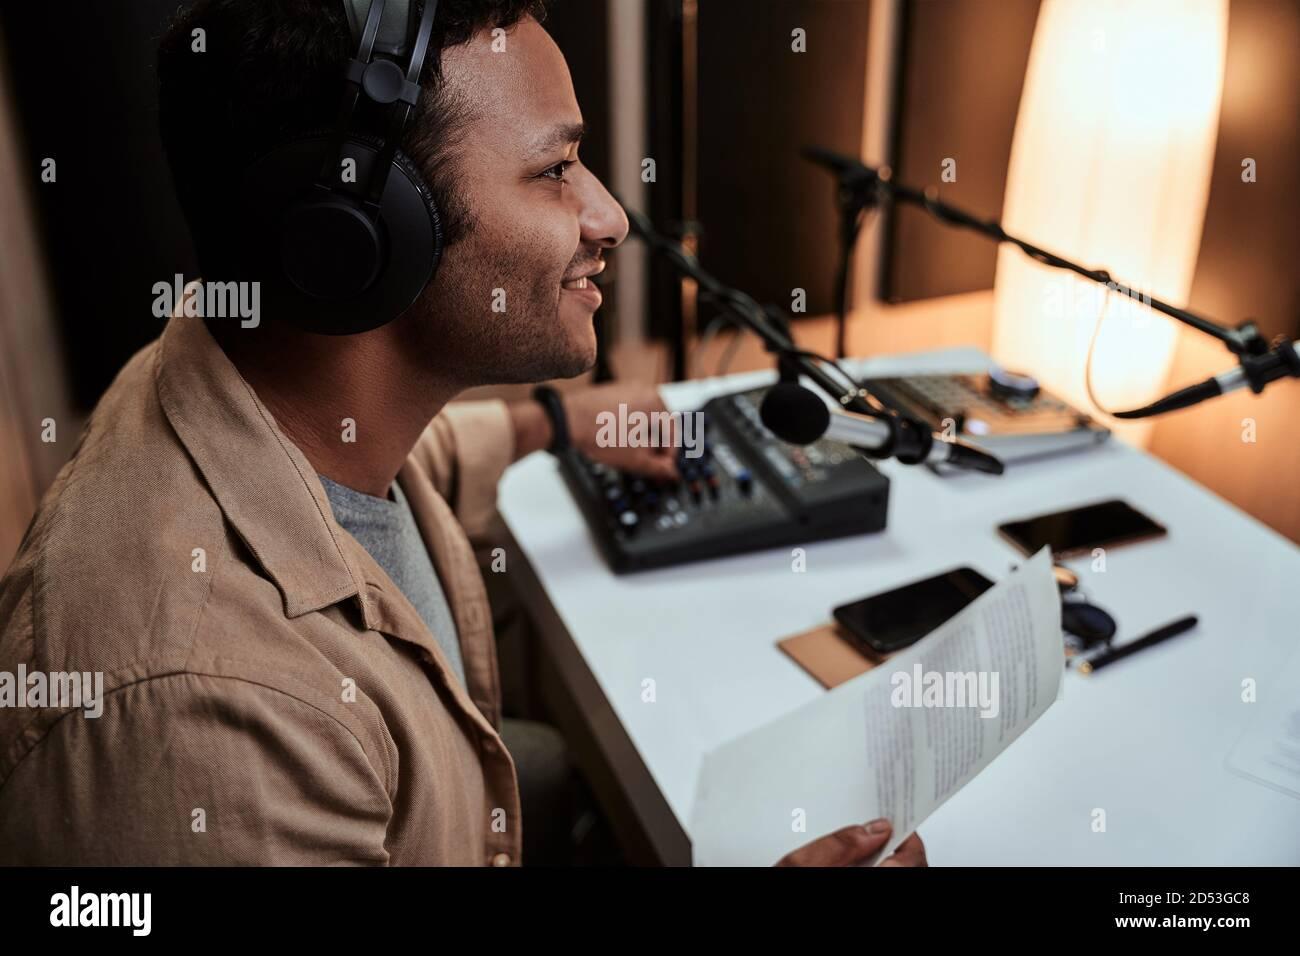 Retrato de un joven presentador de radio masculino en vivo en el aire, hablando en micrófono, sosteniendo un papel de guión mientras estaba sentado en el estudio Foto de stock